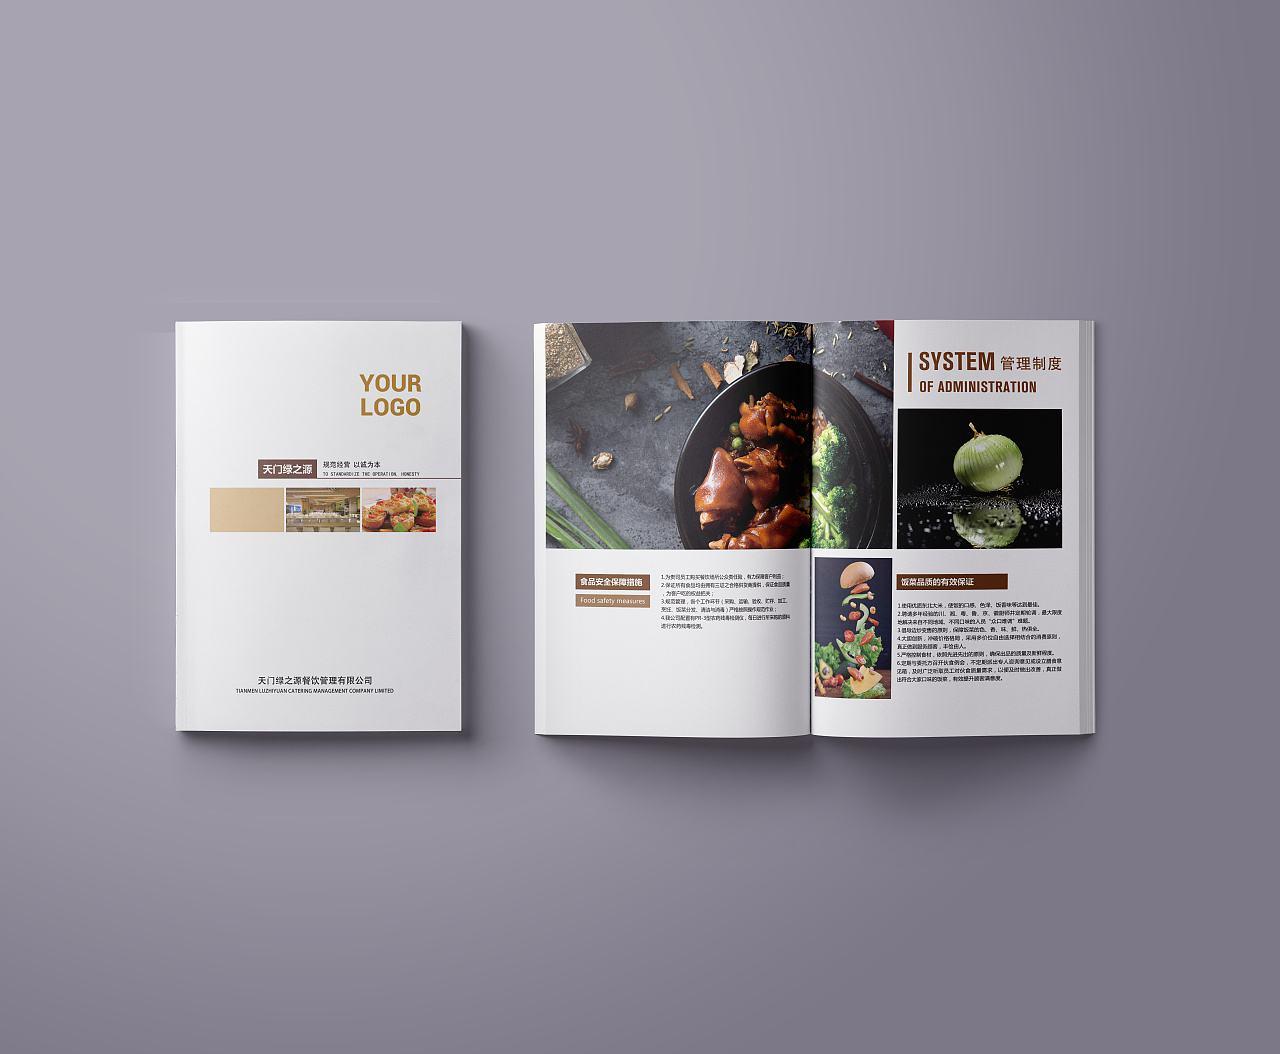 印刷企业宣传册设计公司如何传递信息